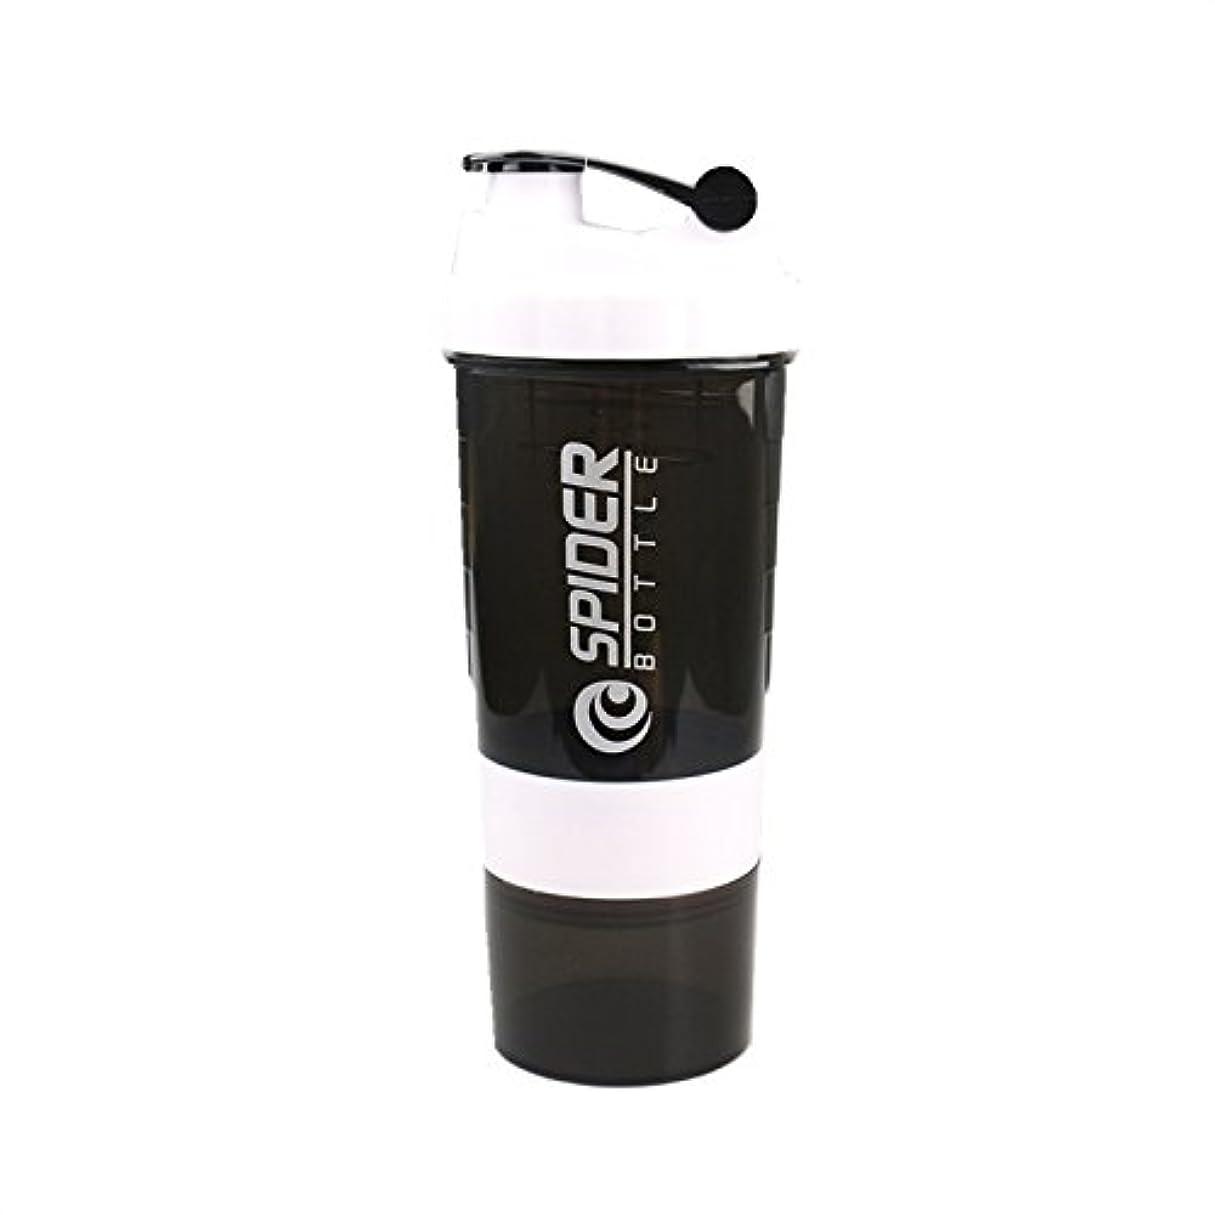 署名不利益真夜中スポーツボトル シェーカーボトル プロテインシェーカー ボトル プラスチック フィットネス ダイエット 直飲み サプリケース コンテナ付き 600ml